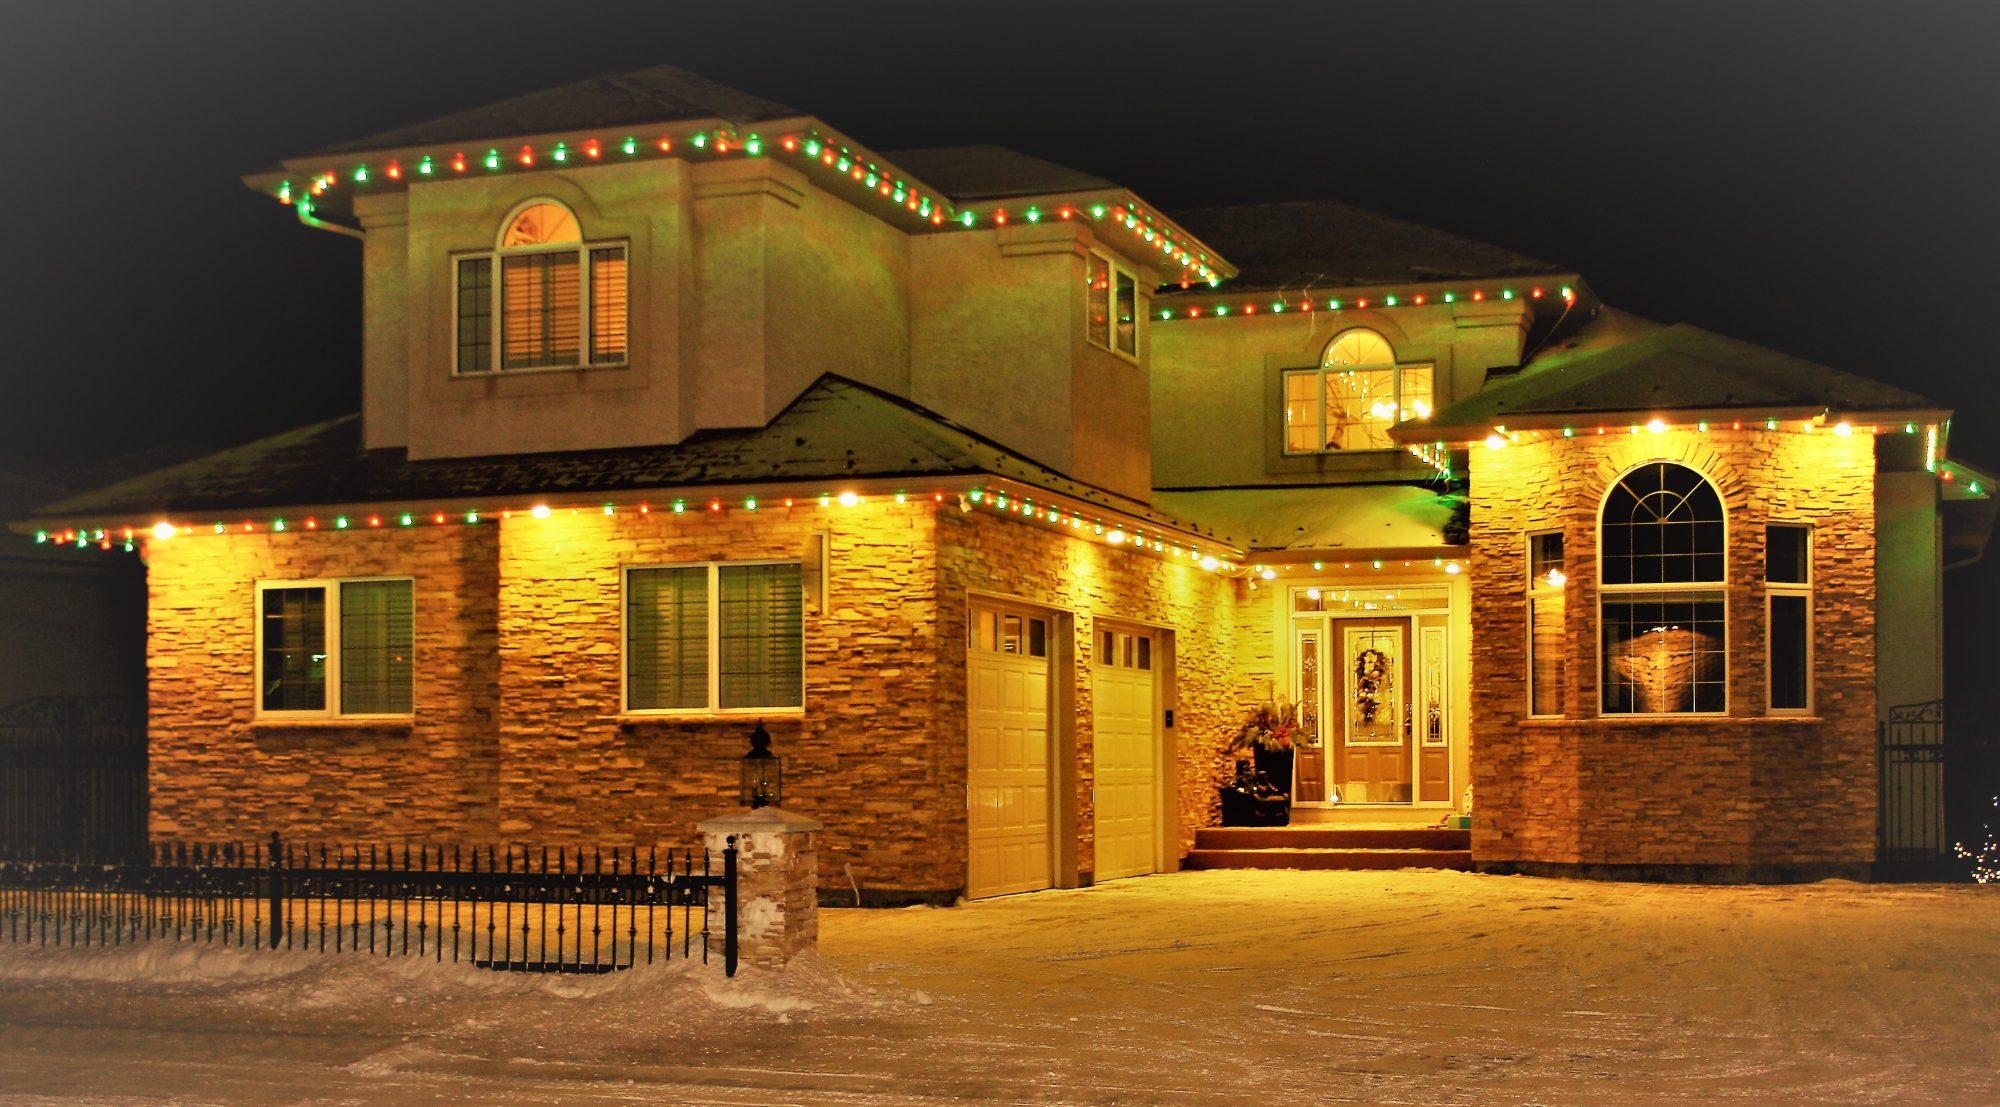 Superior Holiday Lighting